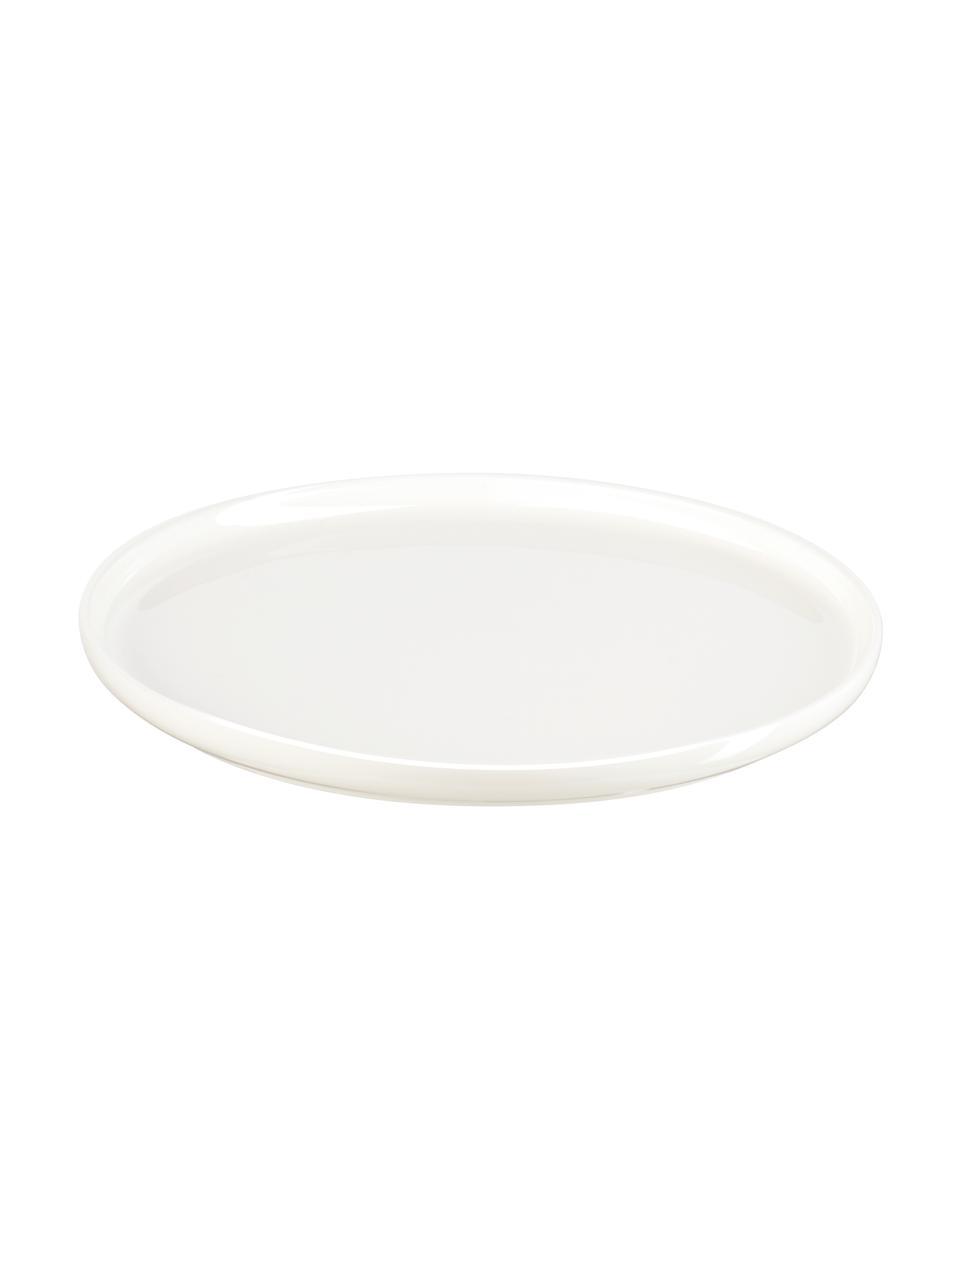 Talerz do chleba z porcelany kostnej Oco, 6 szt., Porcelana chińska Porcelana chińska Fine Bone China to miękka porcelana wyróżniająca się wyjątkowym, półprzezroczystym połyskiem, Kość słoniowa, Ø 15 cm